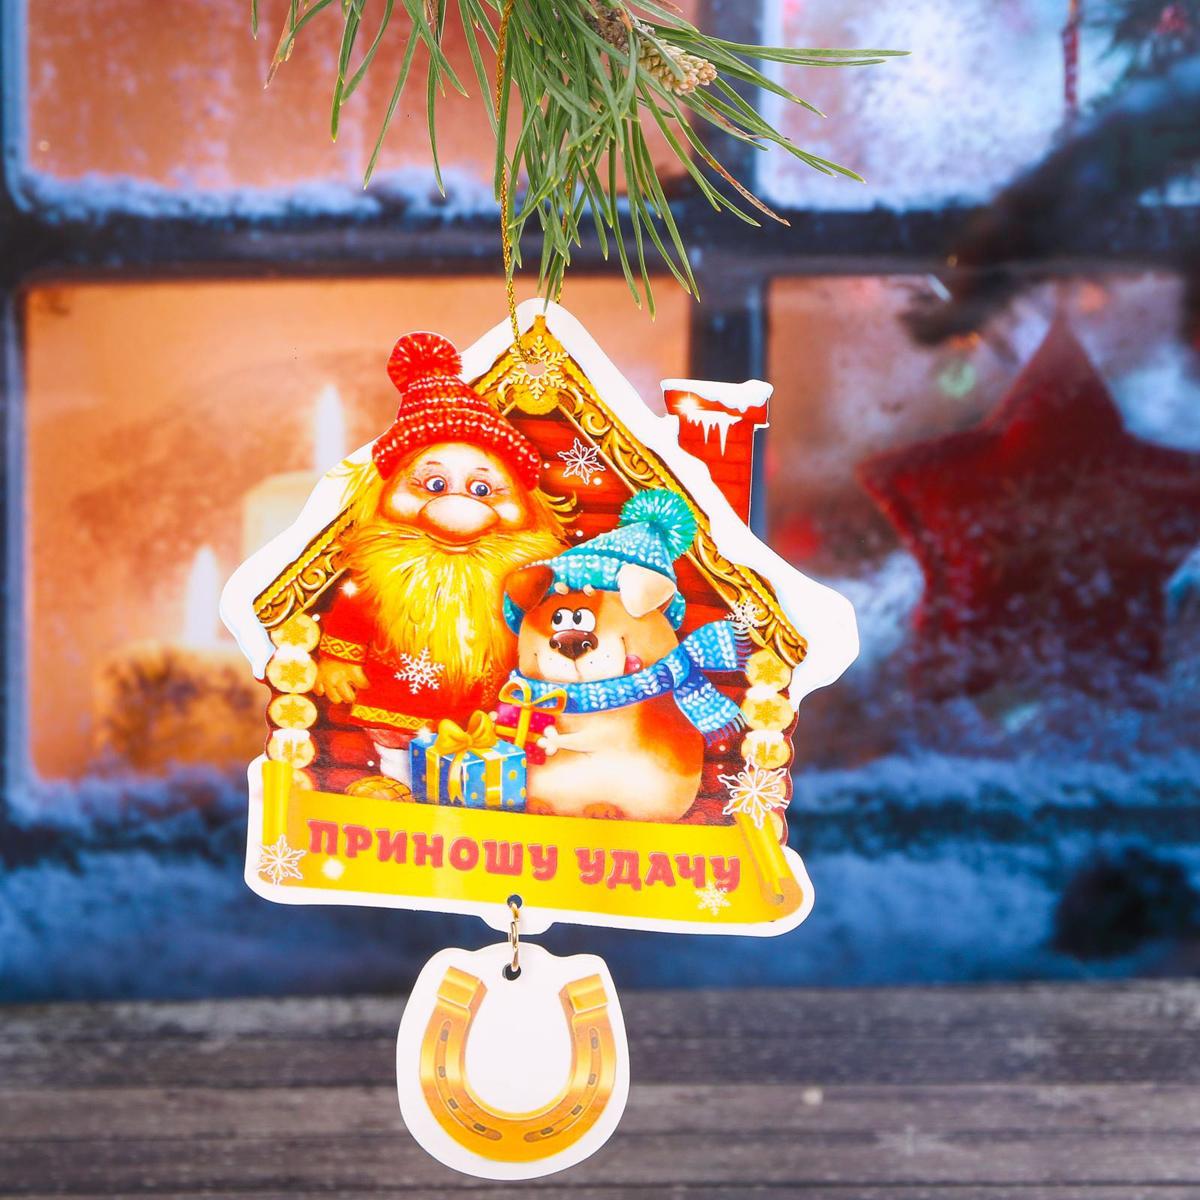 Набор новогодних подвесных украшений Sima-land Приношу удачу, 9,1 х 9,4 см 2 шт2268145Набор новогодних подвесных украшений Sima-land отлично подойдет для декорации вашего дома и новогодней ели. С помощью специальной петельки украшение можно повесить в любом понравившемся вам месте. Но, конечно, удачнее всего оно будет смотреться на праздничной елке. Елочная игрушка - символ Нового года. Она несет в себе волшебство и красоту праздника. Создайте в своем доме атмосферу веселья и радости, украшая новогоднюю елку нарядными игрушками, которые будут из года в год накапливать теплоту воспоминаний.